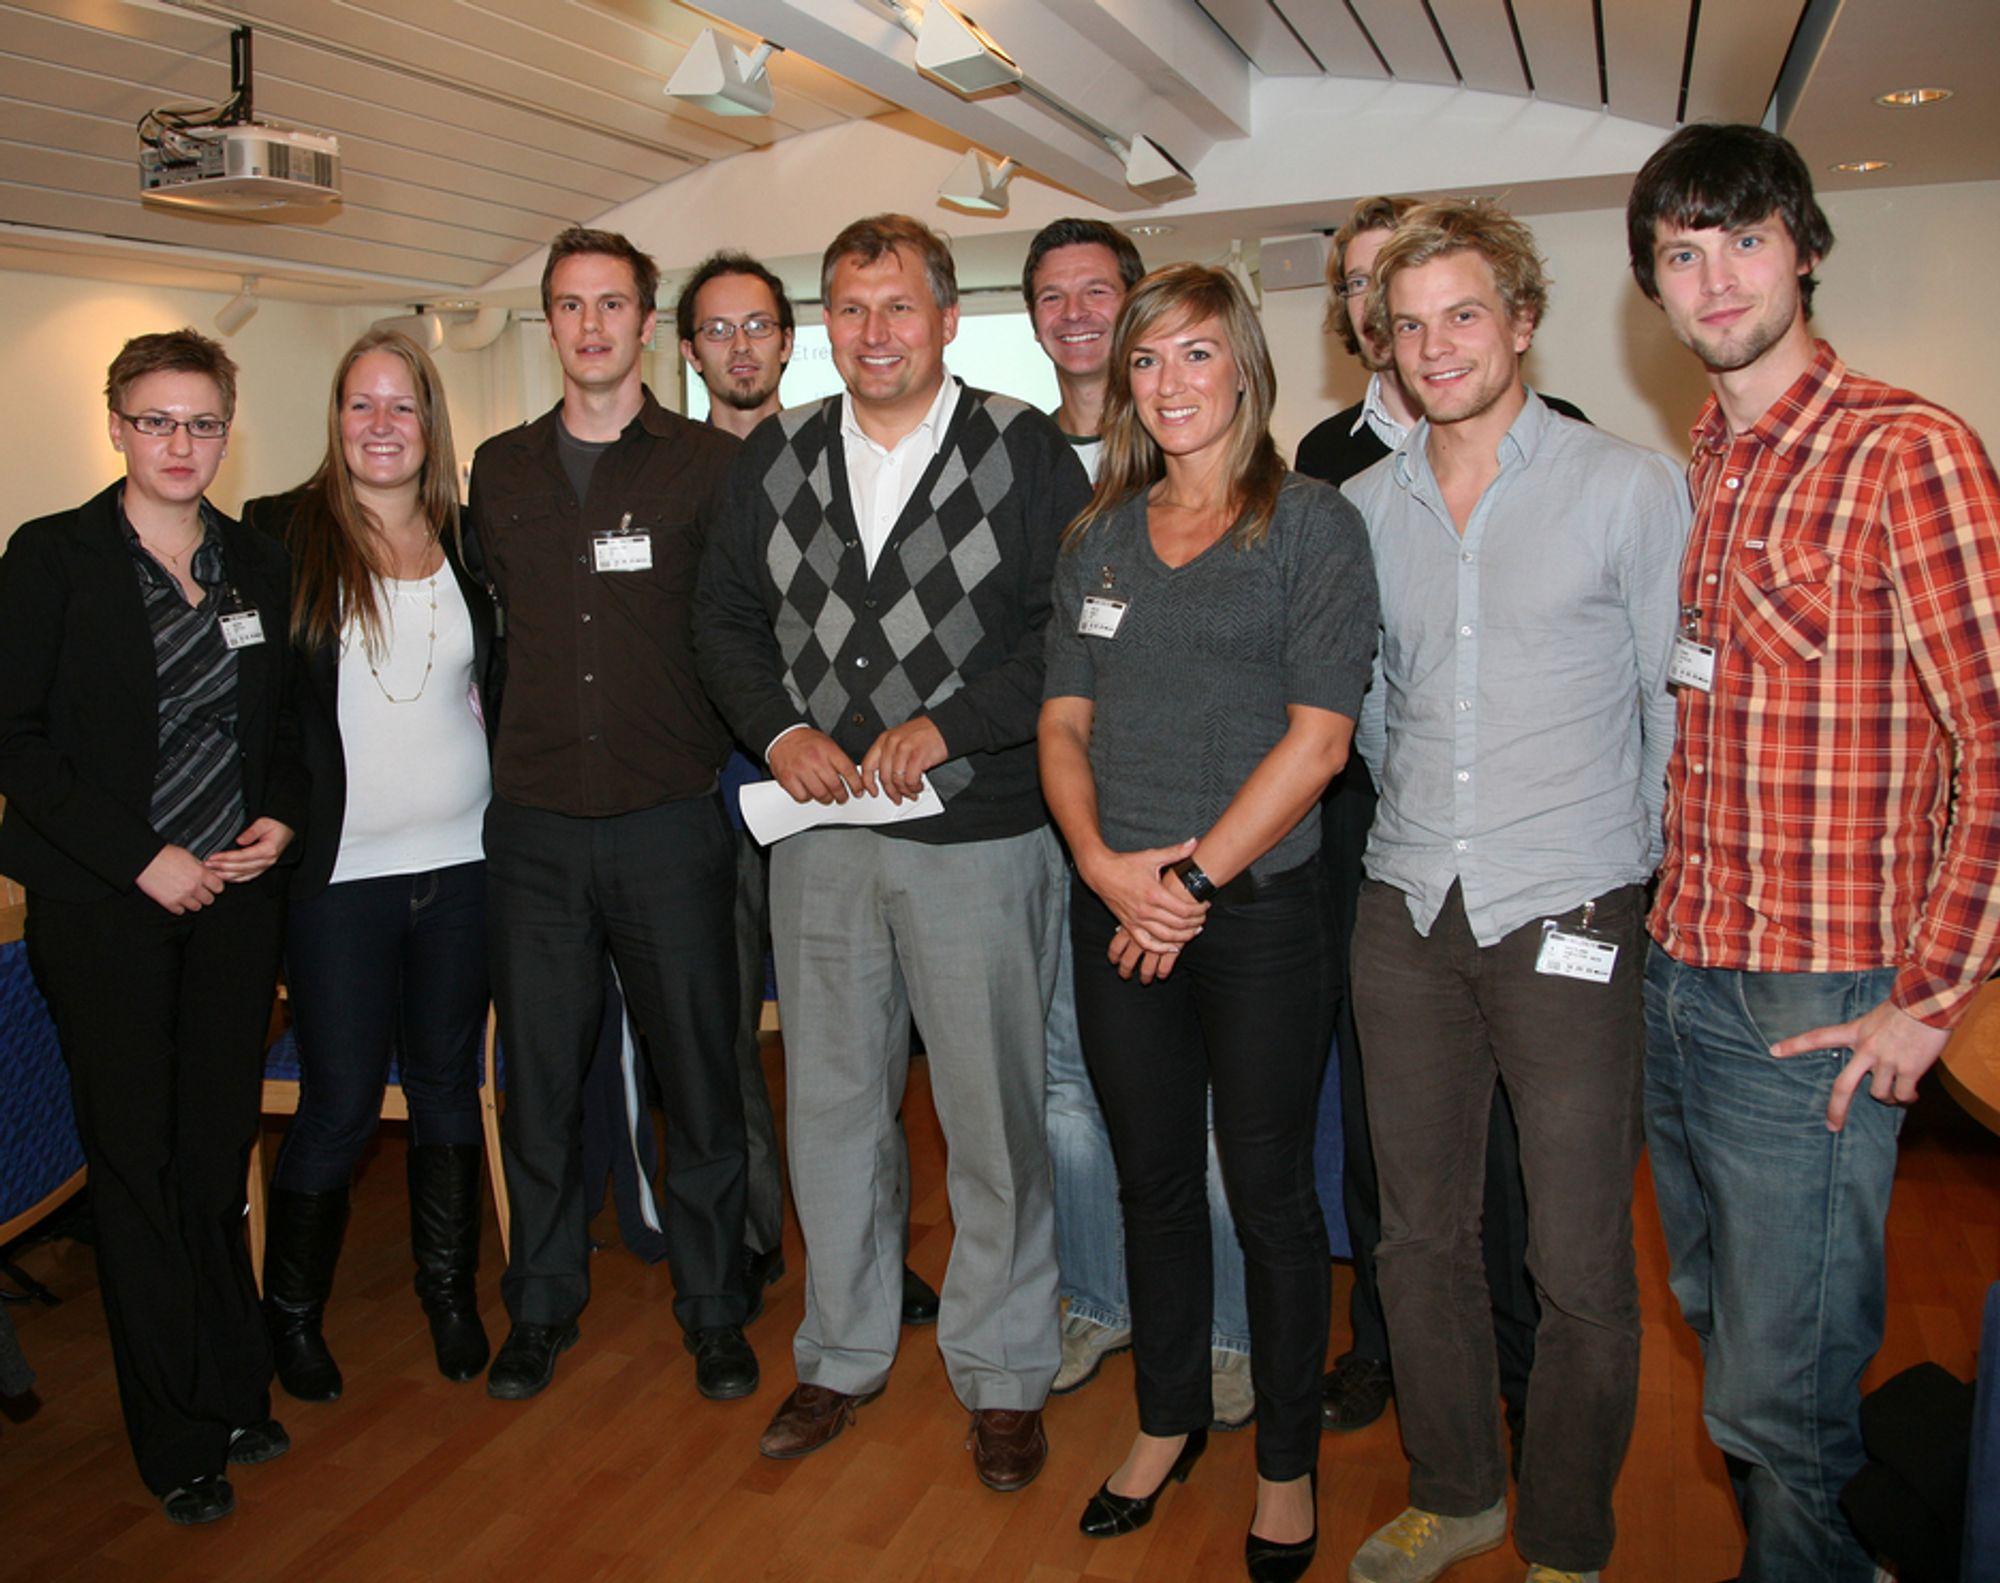 NYTT: Dette er de unge forskerne og studentene som deltar i tankesmia for miljøvennlig energi - her sammen med olje- og energiminister Terje Riis-Johansen.